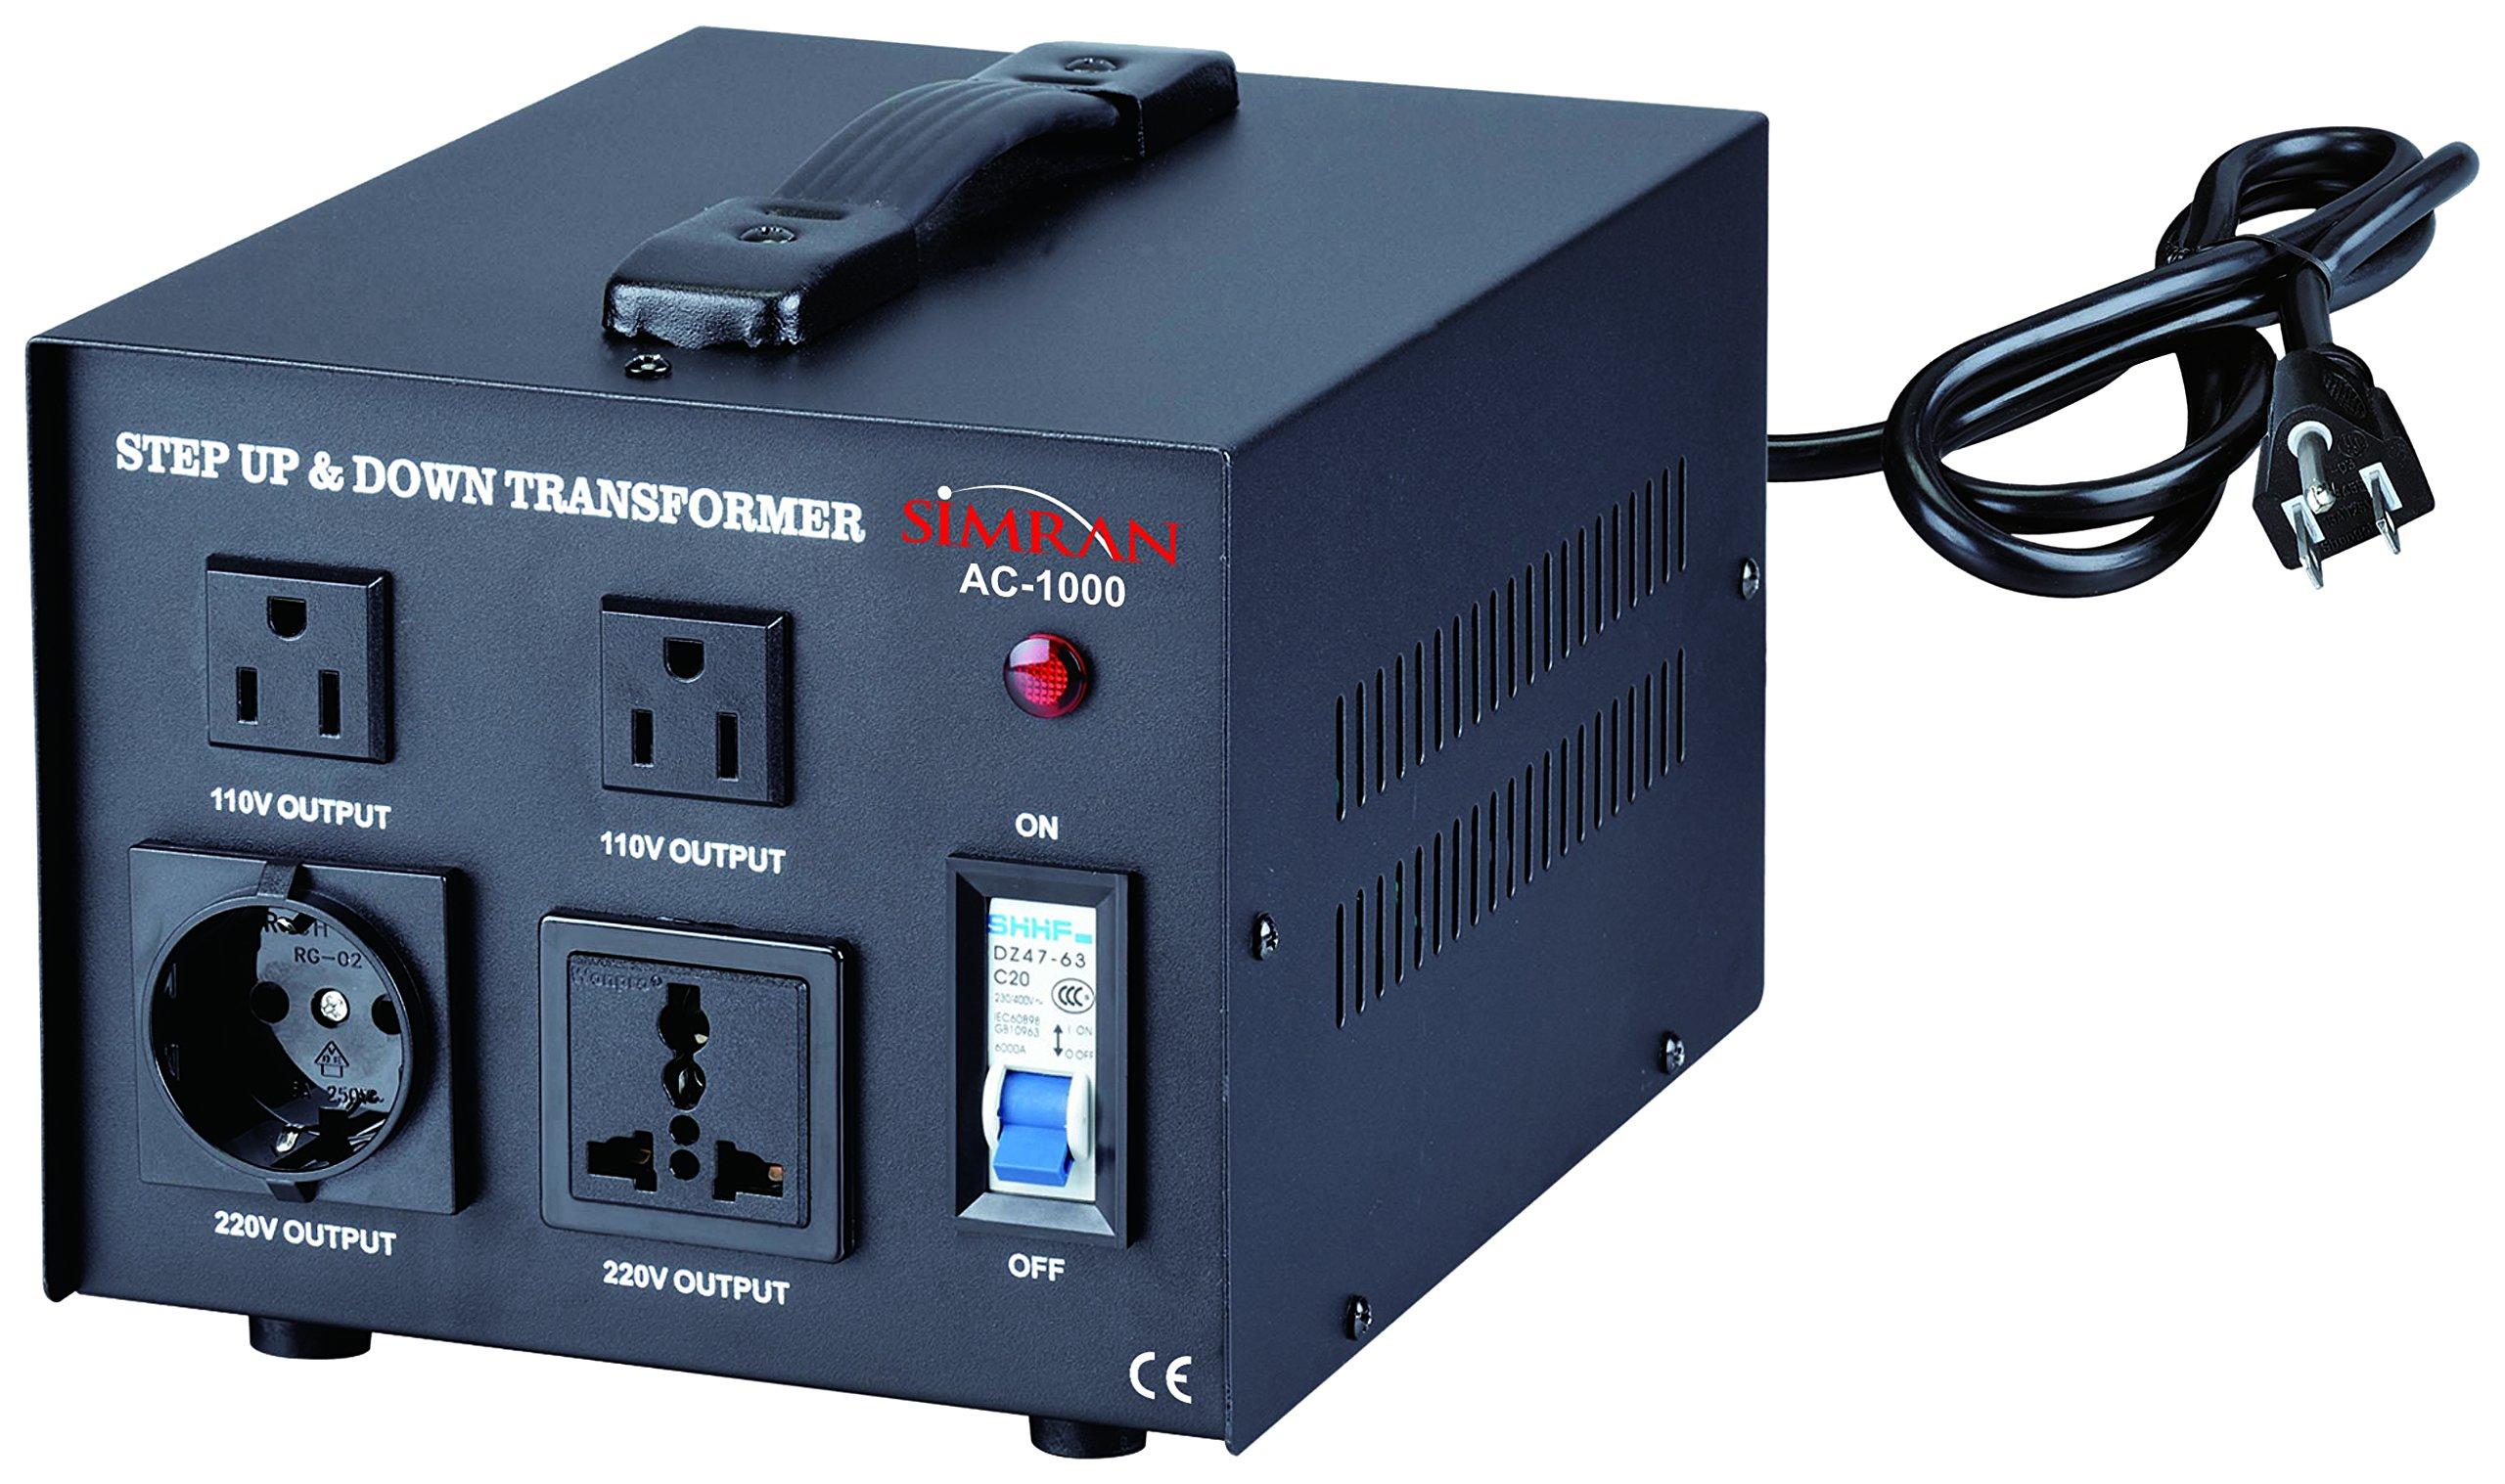 Simran 1000 Watt Voltage Converter Transformer 110 Volt to 220/240 Volt Step Up & Down Power Converter, (ACN-1000)